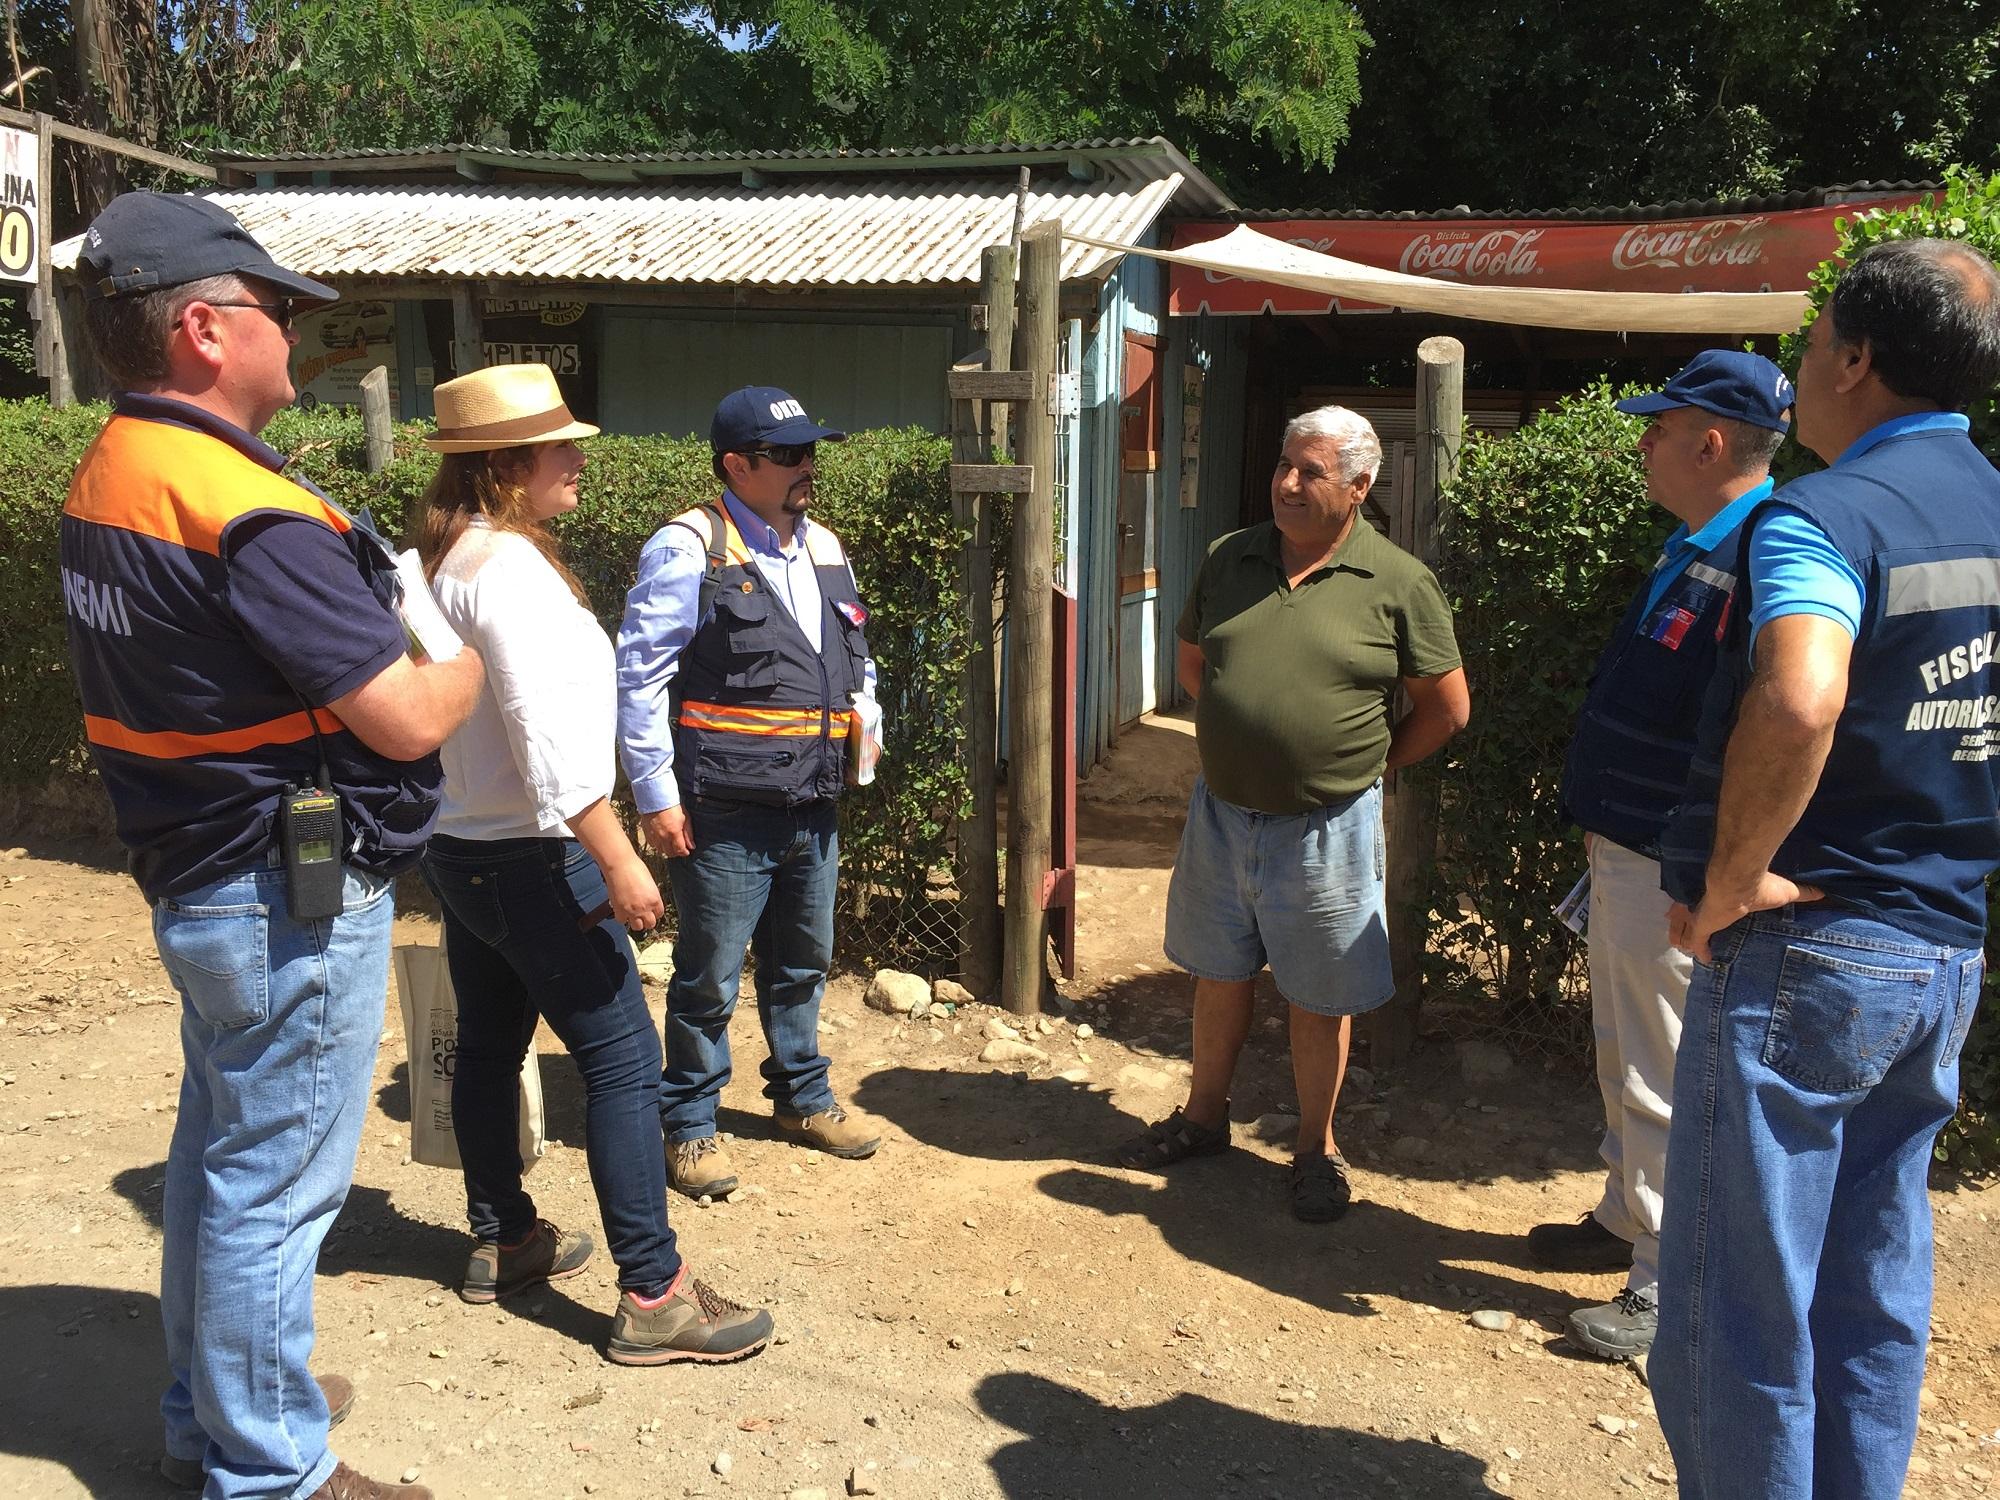 Autoridades llaman a prevenir incendios forestales y accidentes de tránsito en cajones del Achibueno y Ancoa